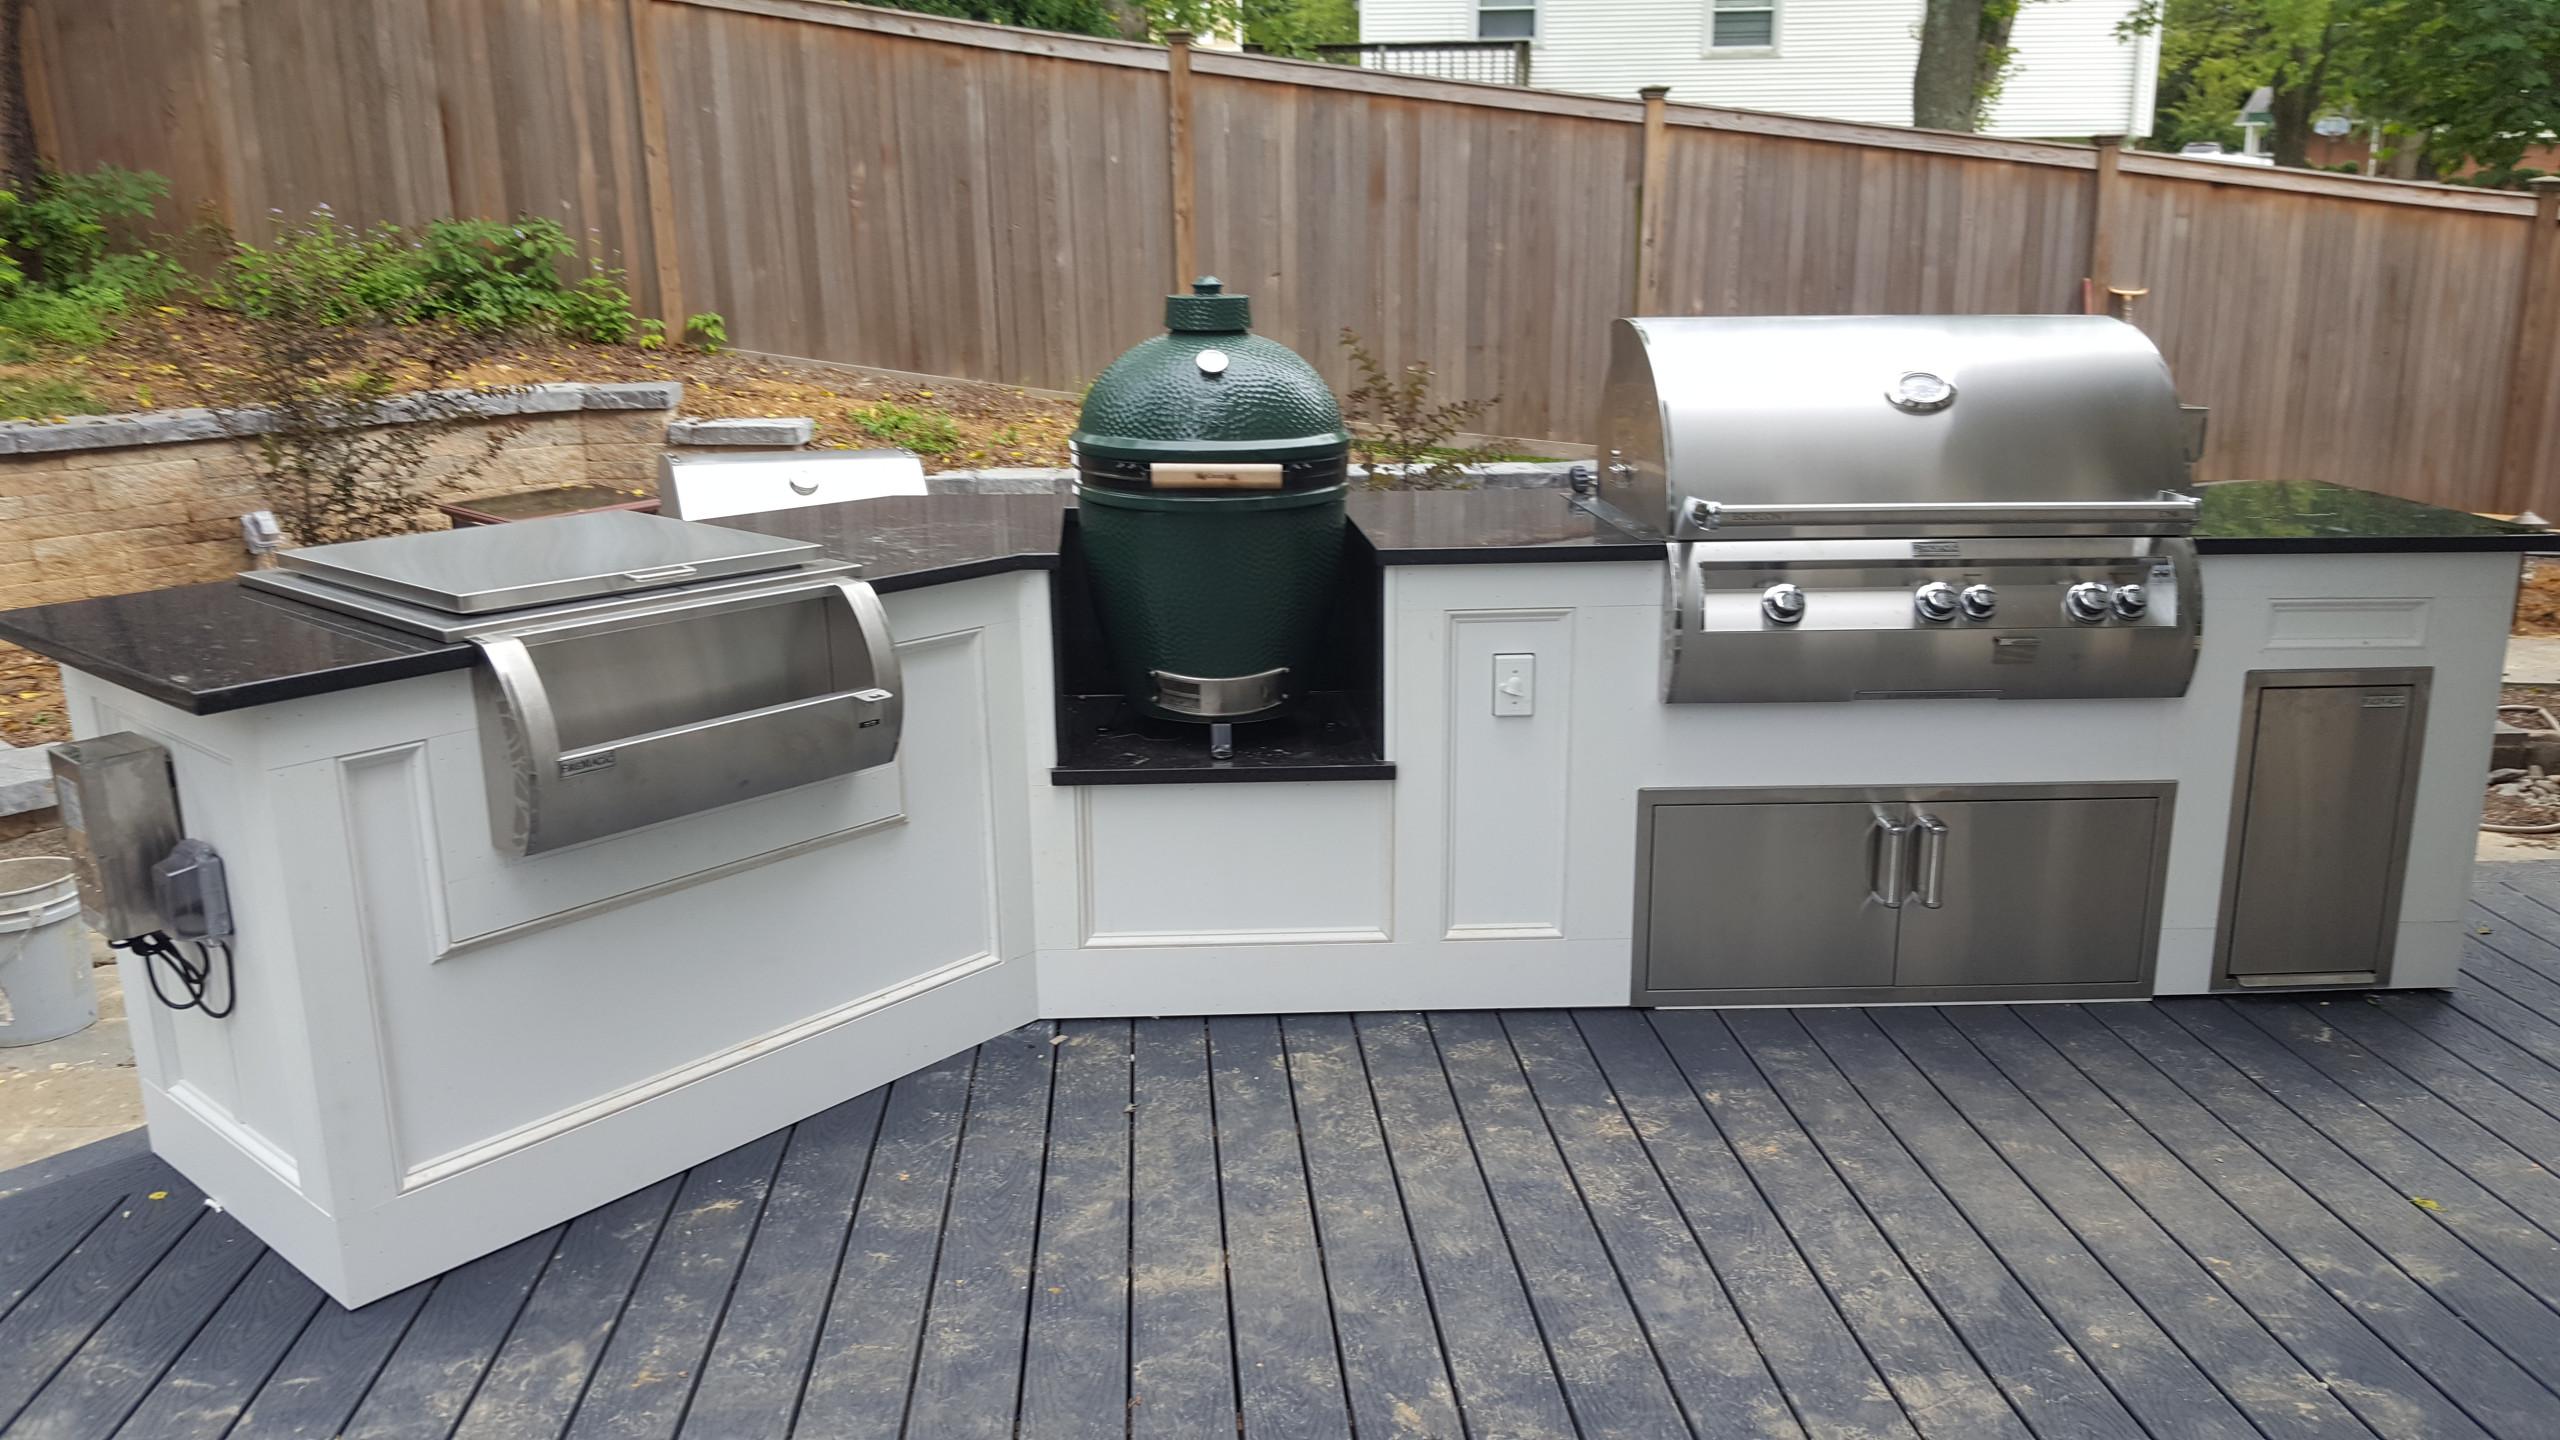 Outdoor Kitchens/Built-in Grills